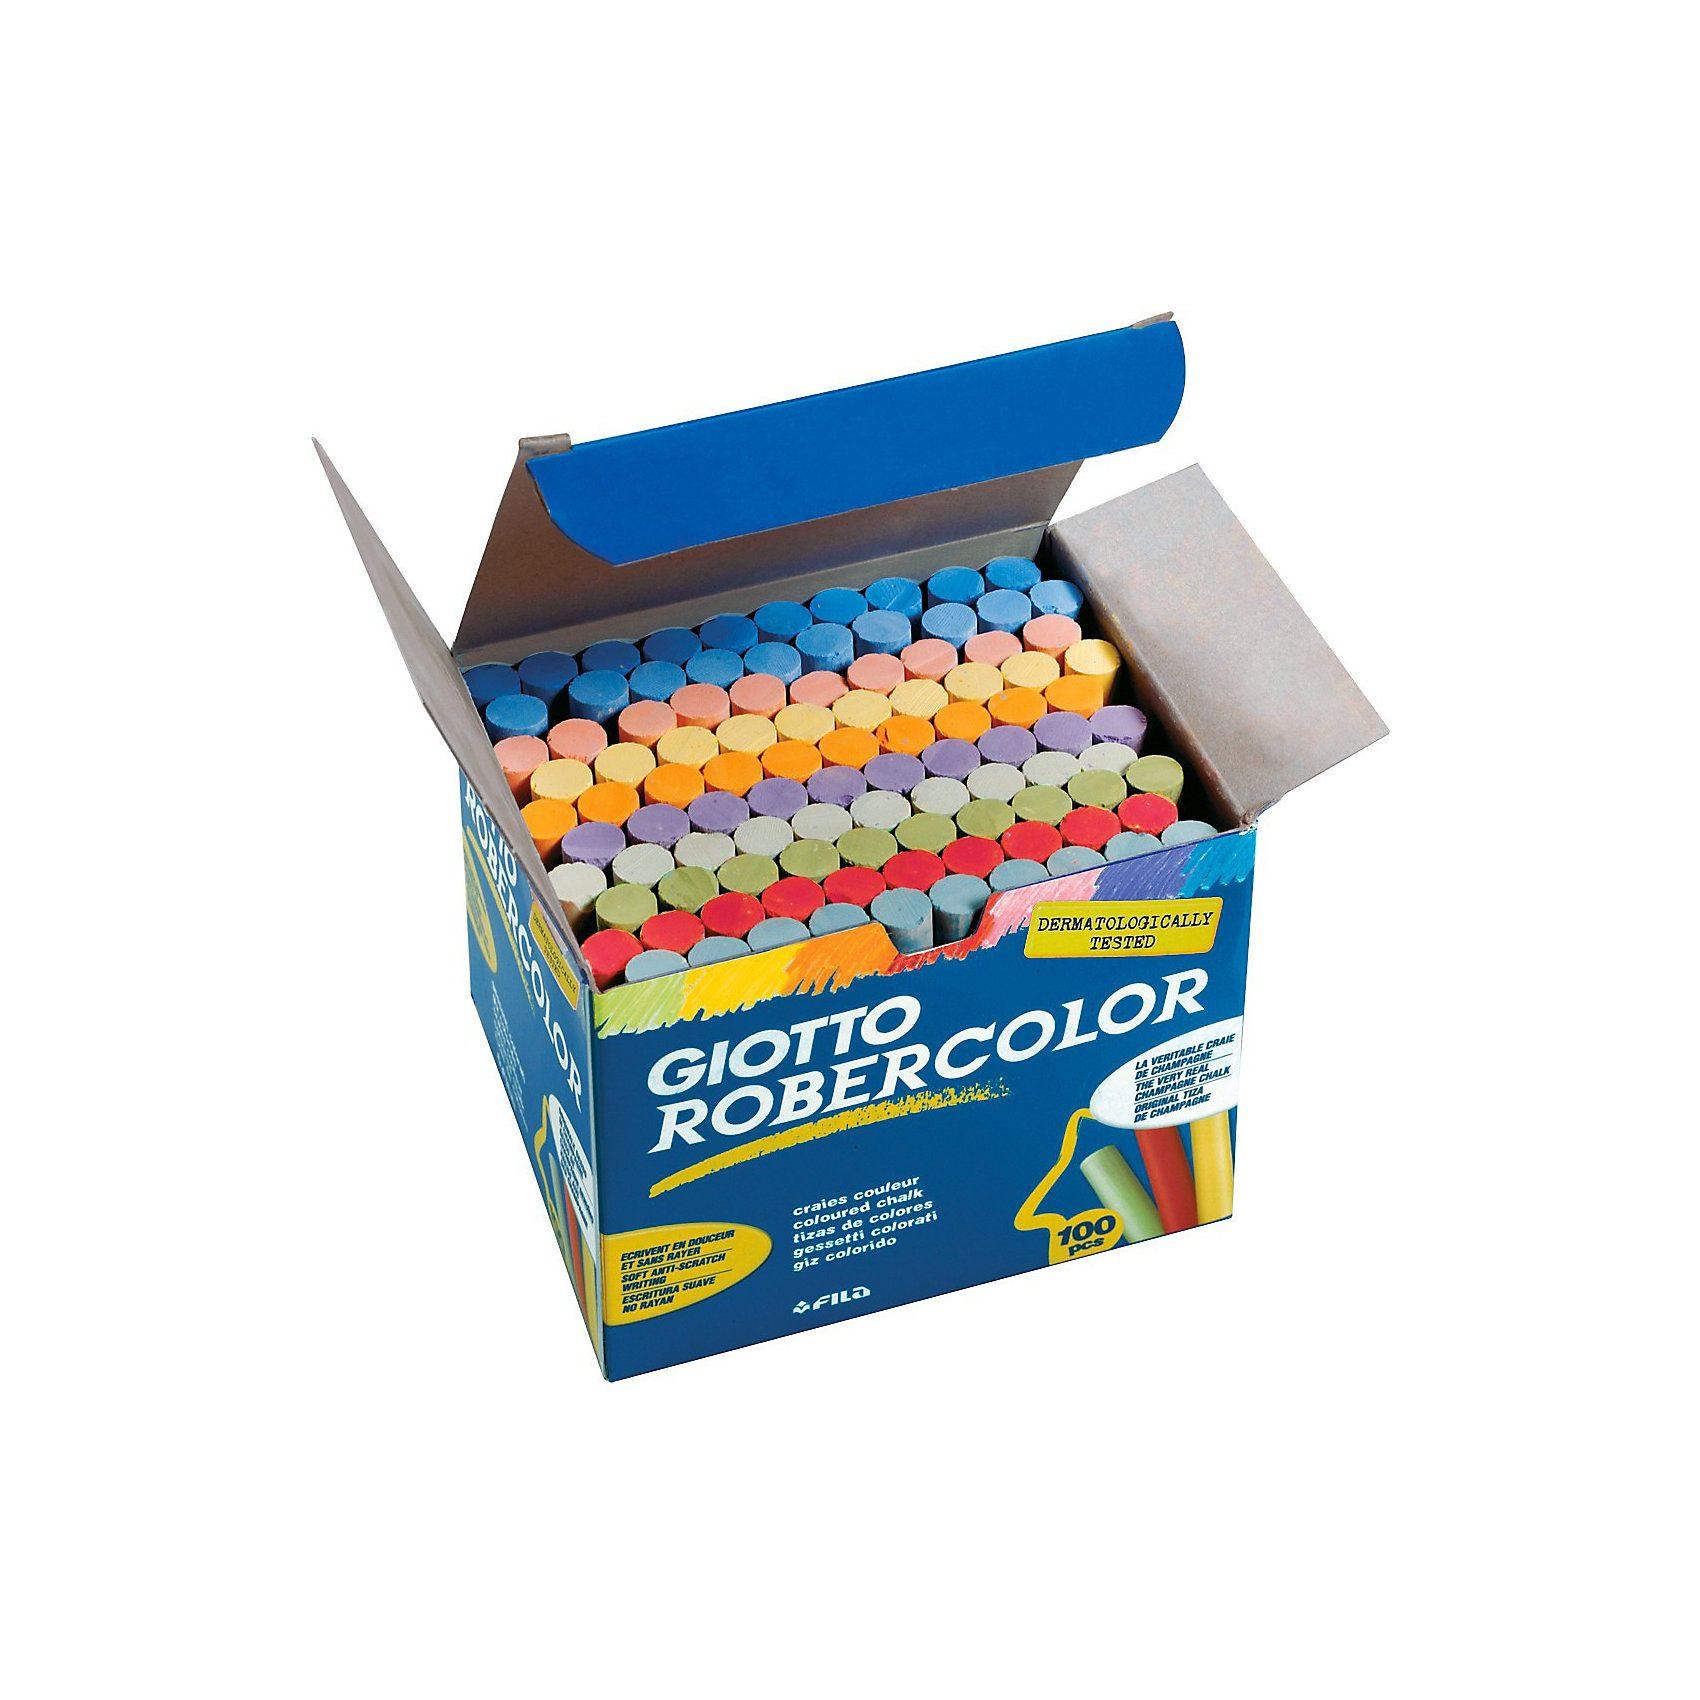 LYRA GIOTTO Robercolor Tafelkreide farbig, 100 Stück